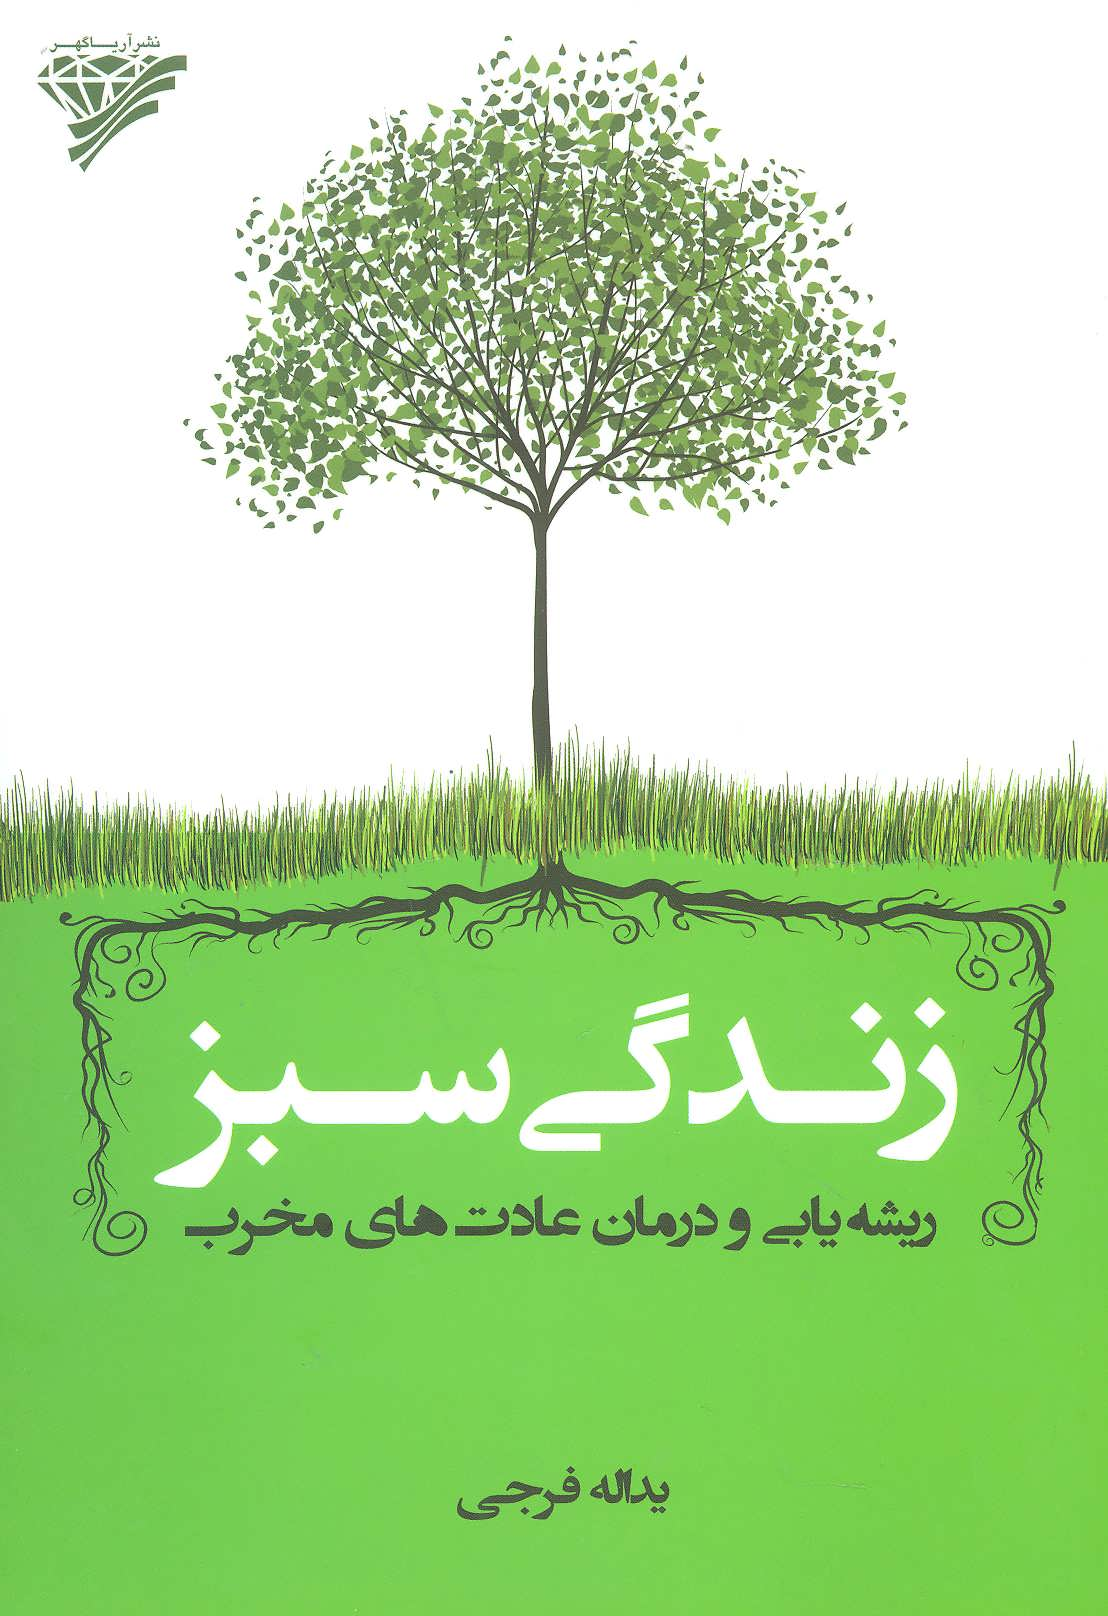 زندگی سبز (ریشه یابی و درمان عادت های مخرب)